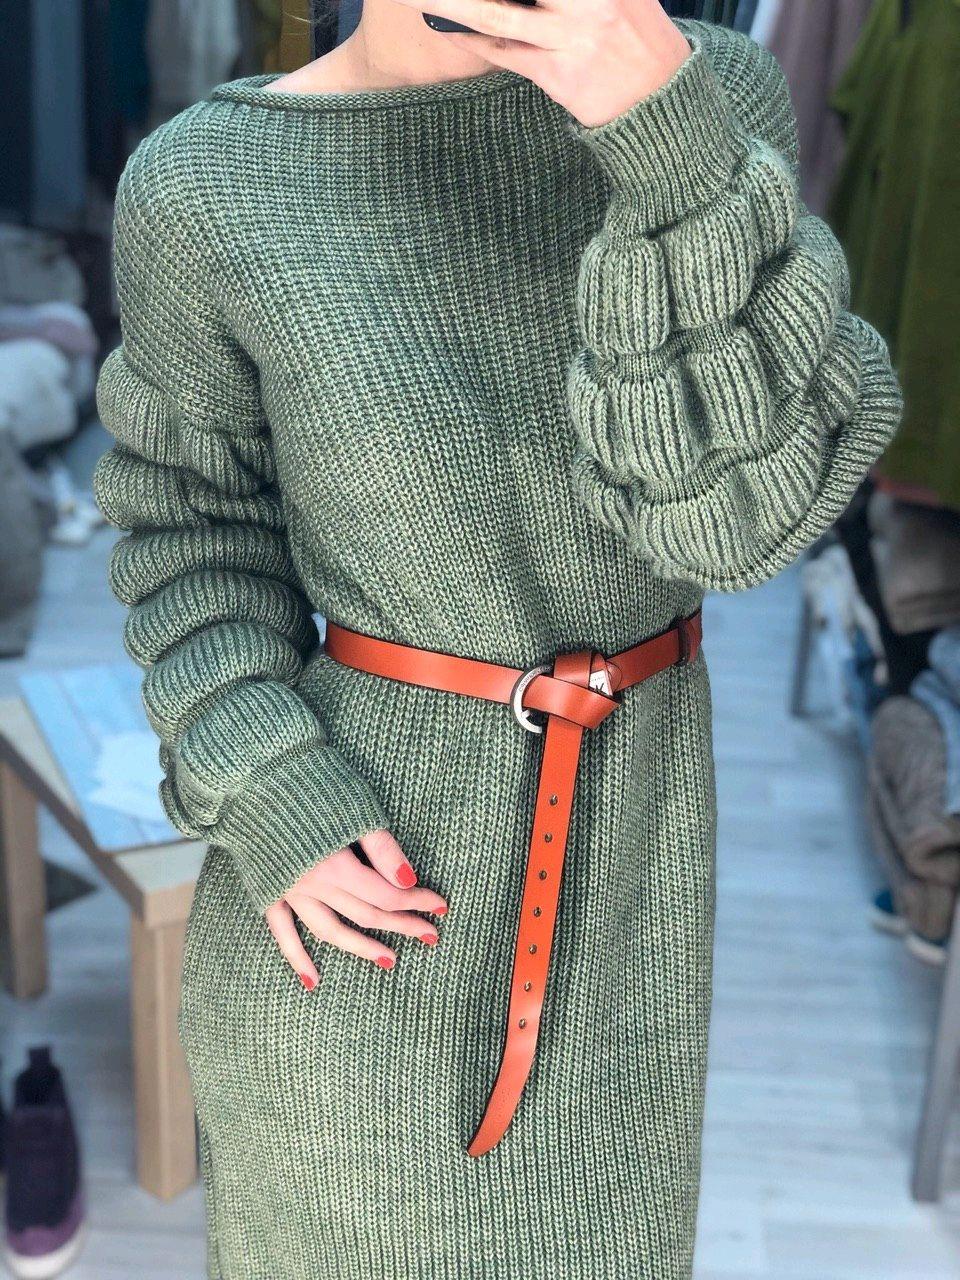 Вязаное платье с объемными рукавами NATA, Платья, Казань,  Фото №1